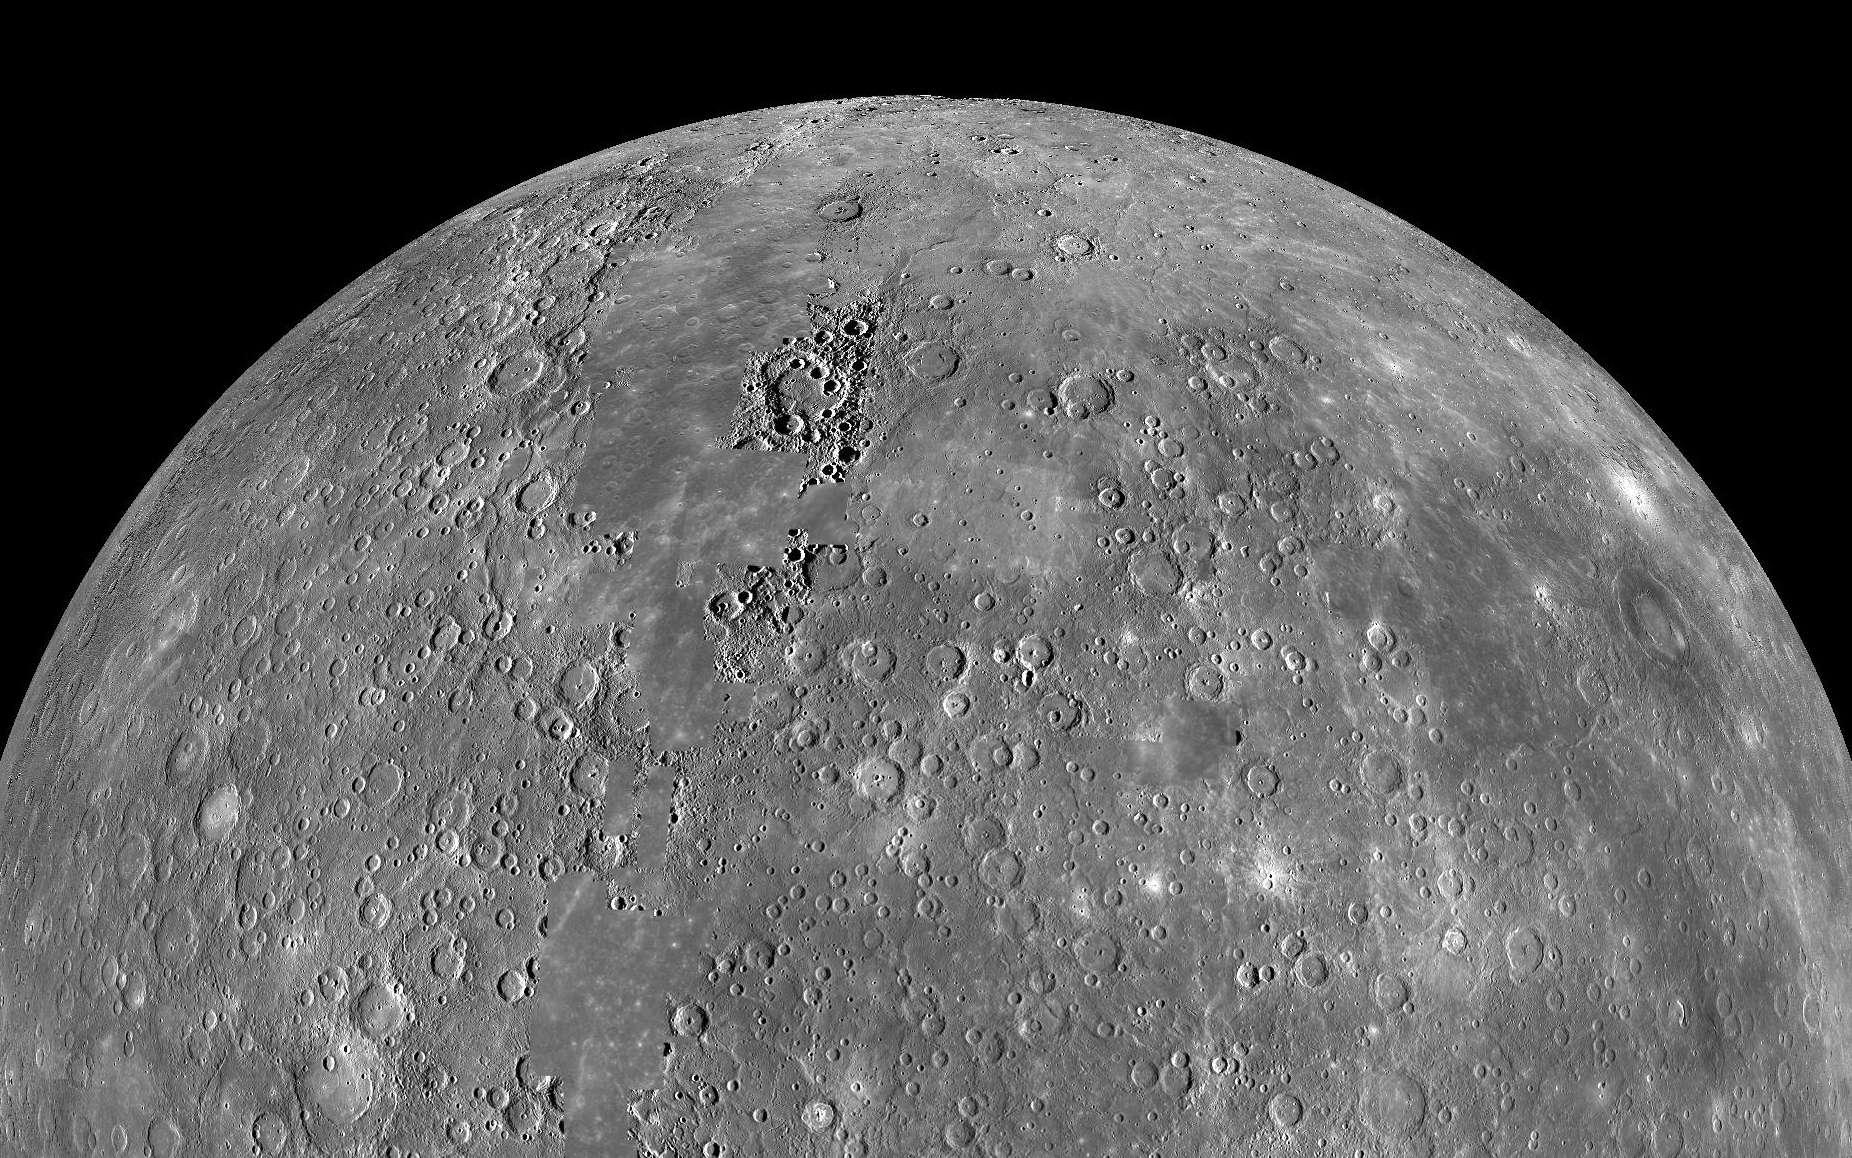 La planète Mercure a-t-elle toujours une activité tectonique ? © Nasa, image composite